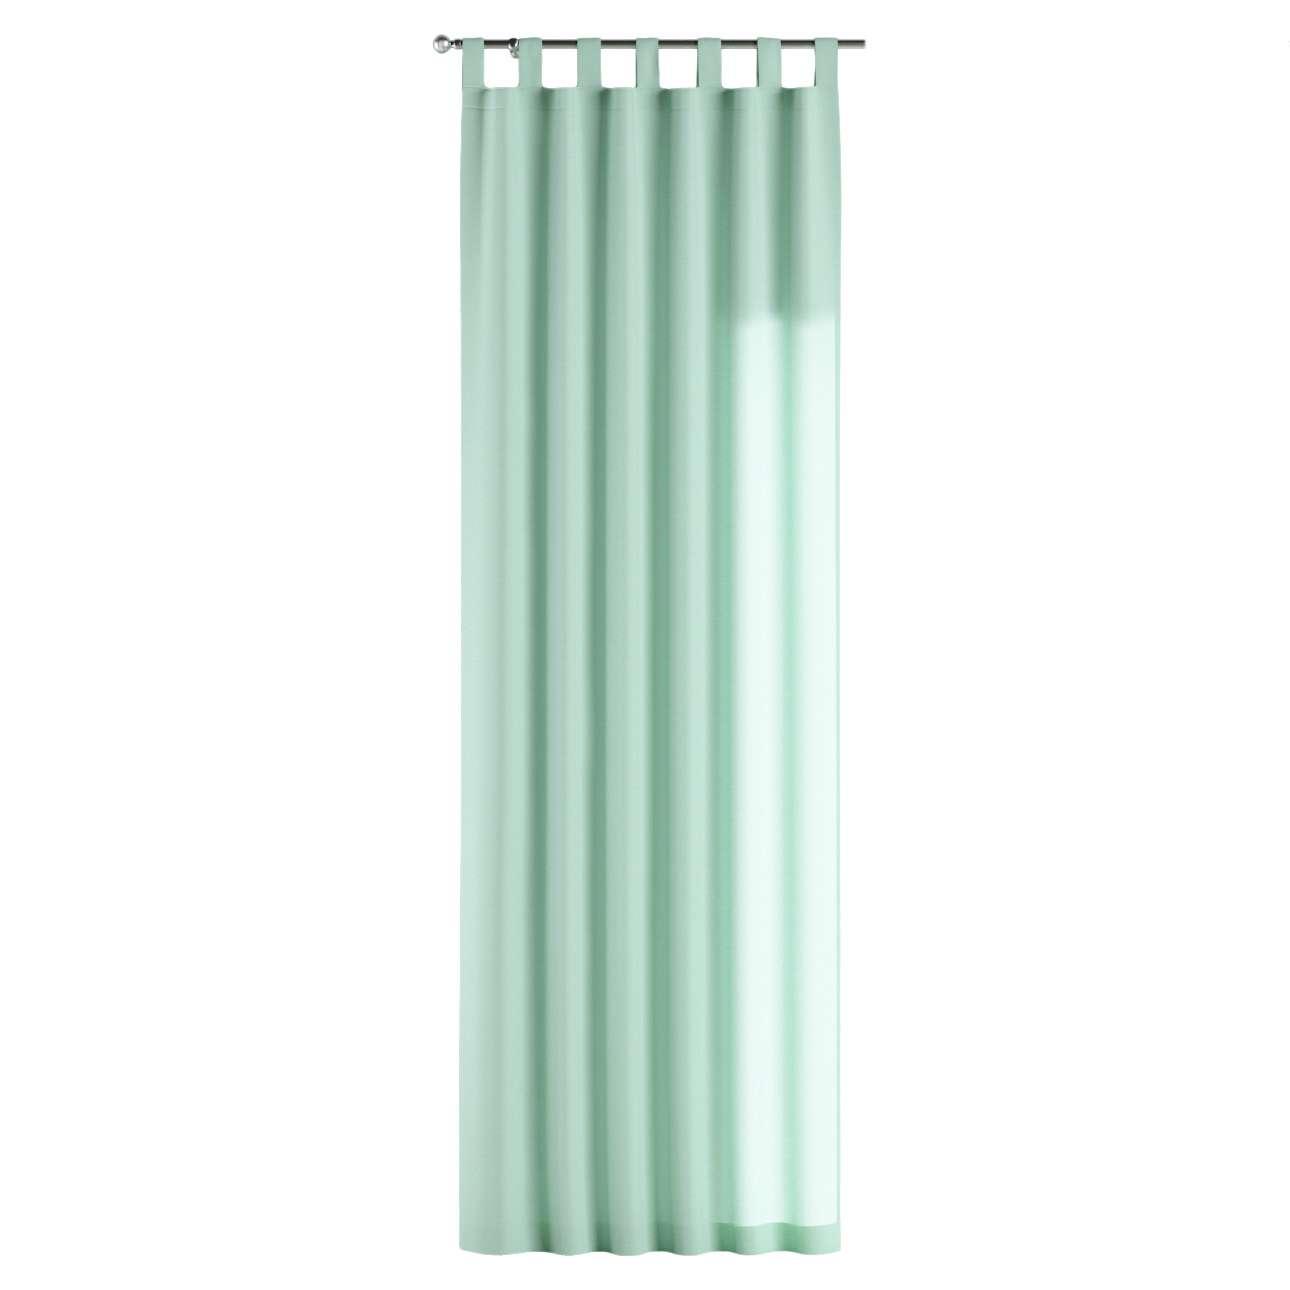 Zasłona na szelkach 1 szt. w kolekcji Loneta, tkanina: 133-37